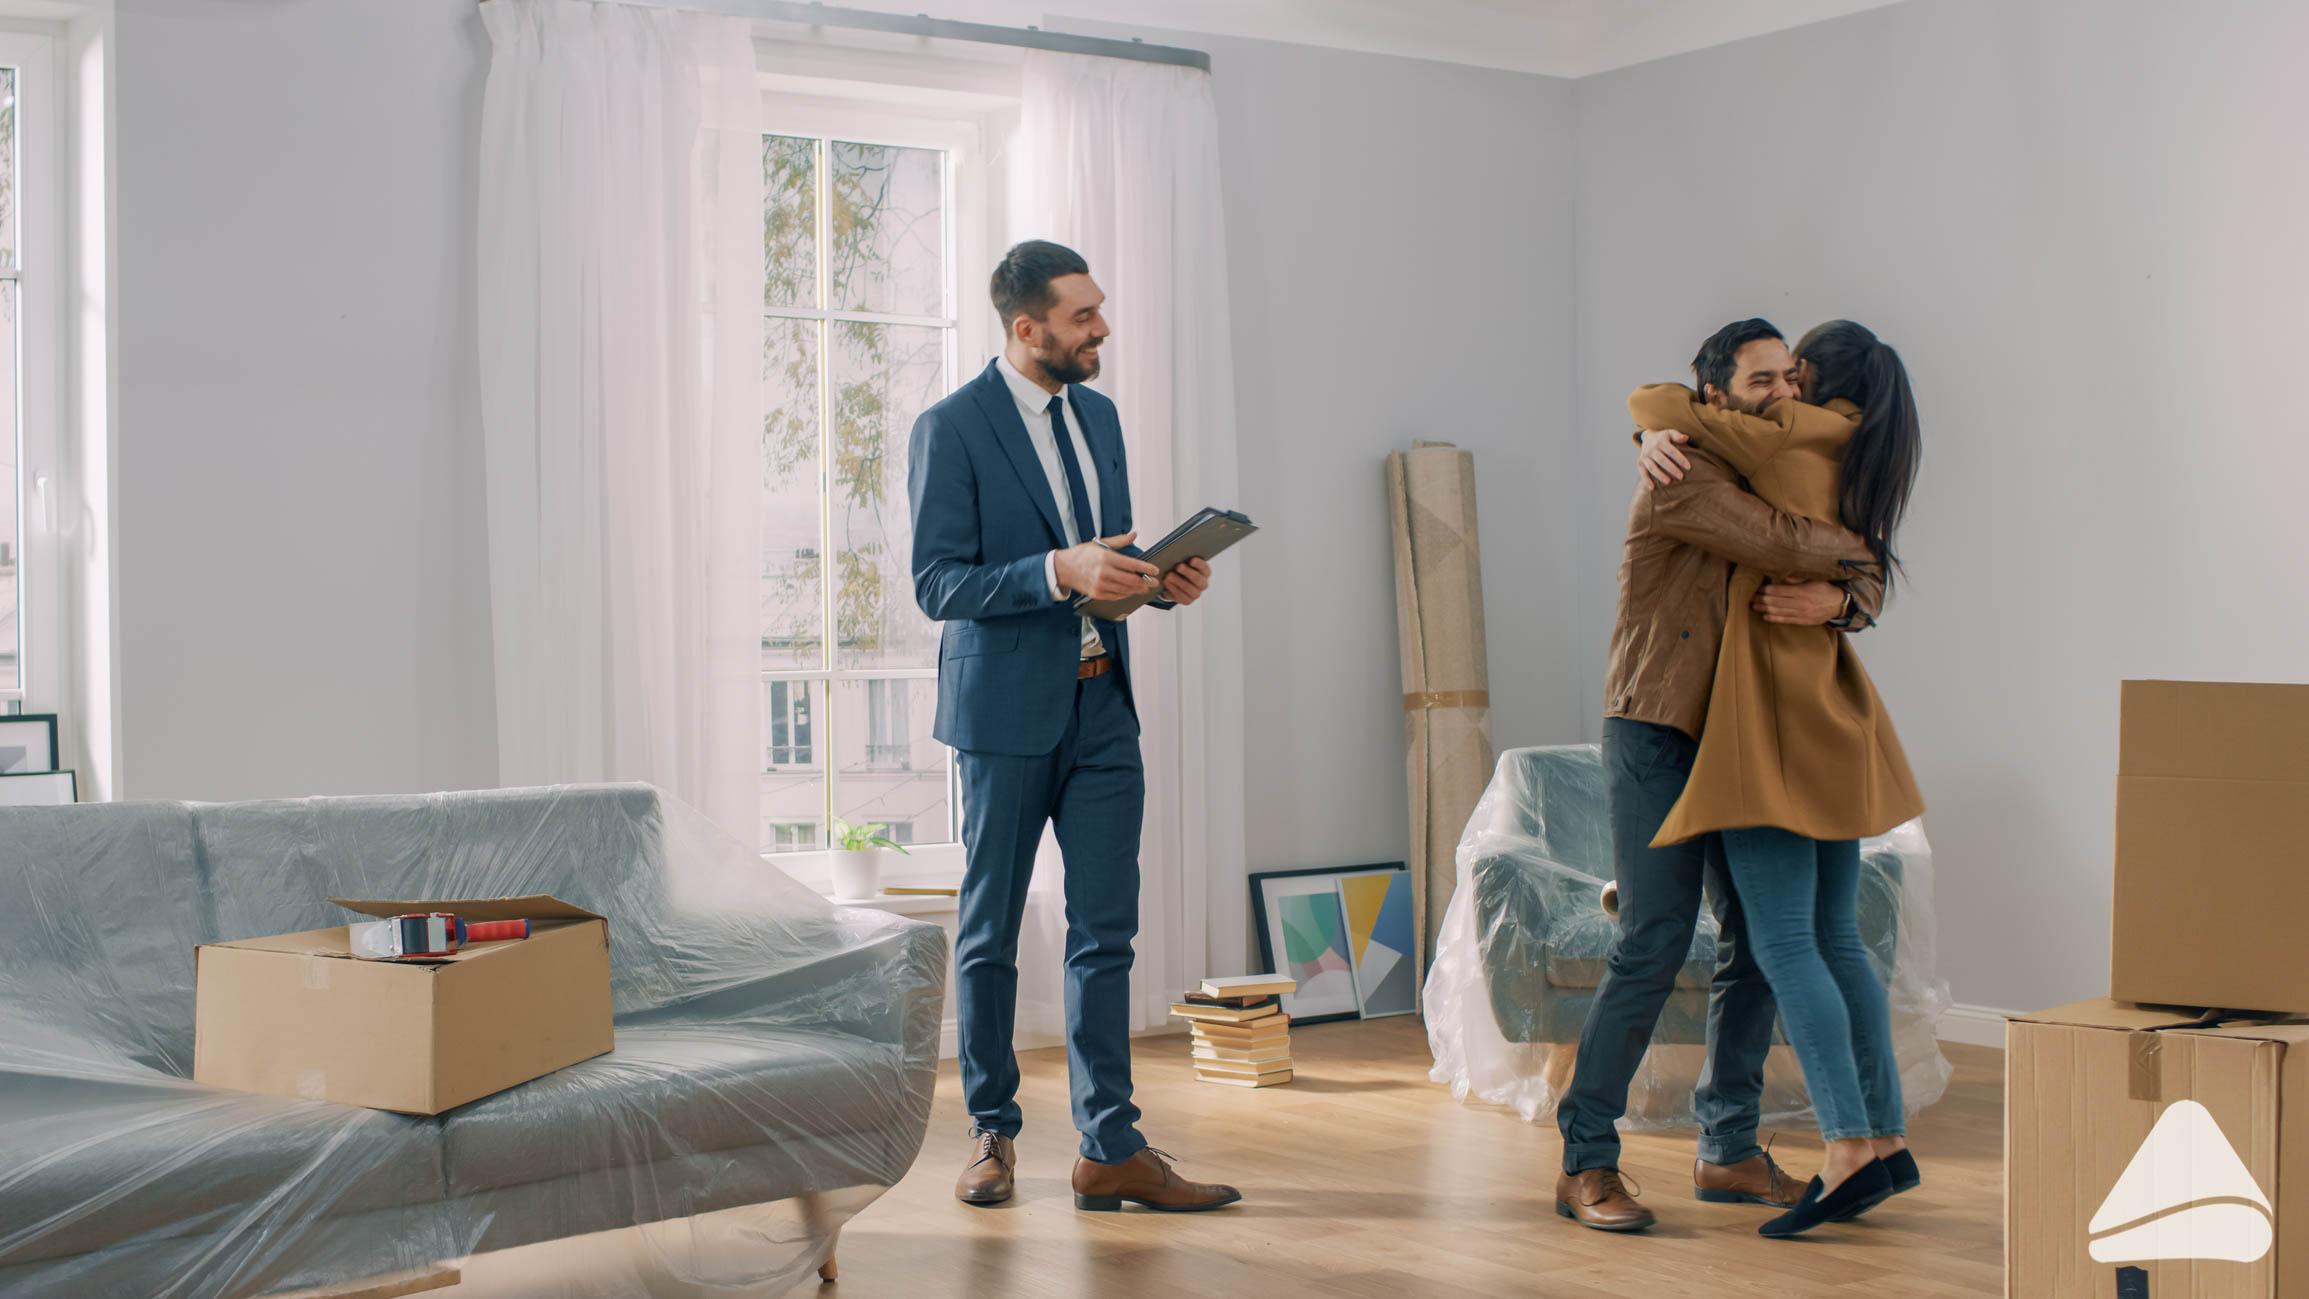 Casais jovens estão cada vez mais adeptos à compra de imóveis